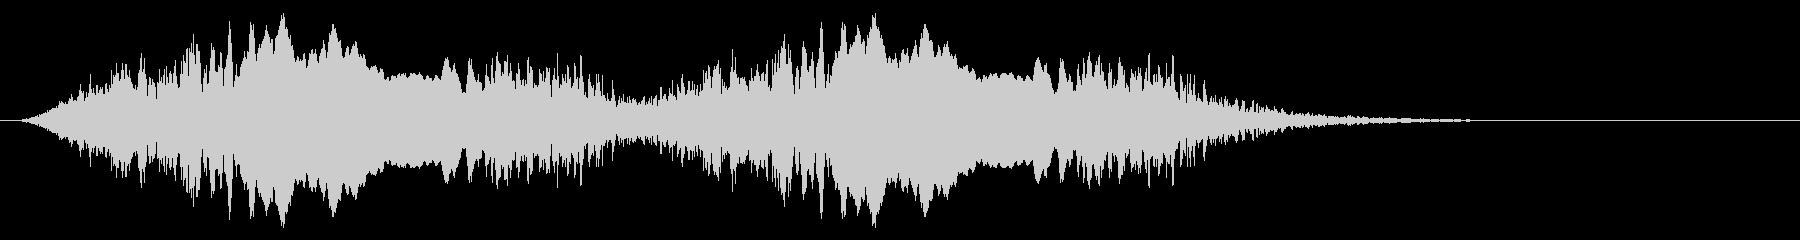 警告音 サイレン02-07(リバーブ 遅の未再生の波形